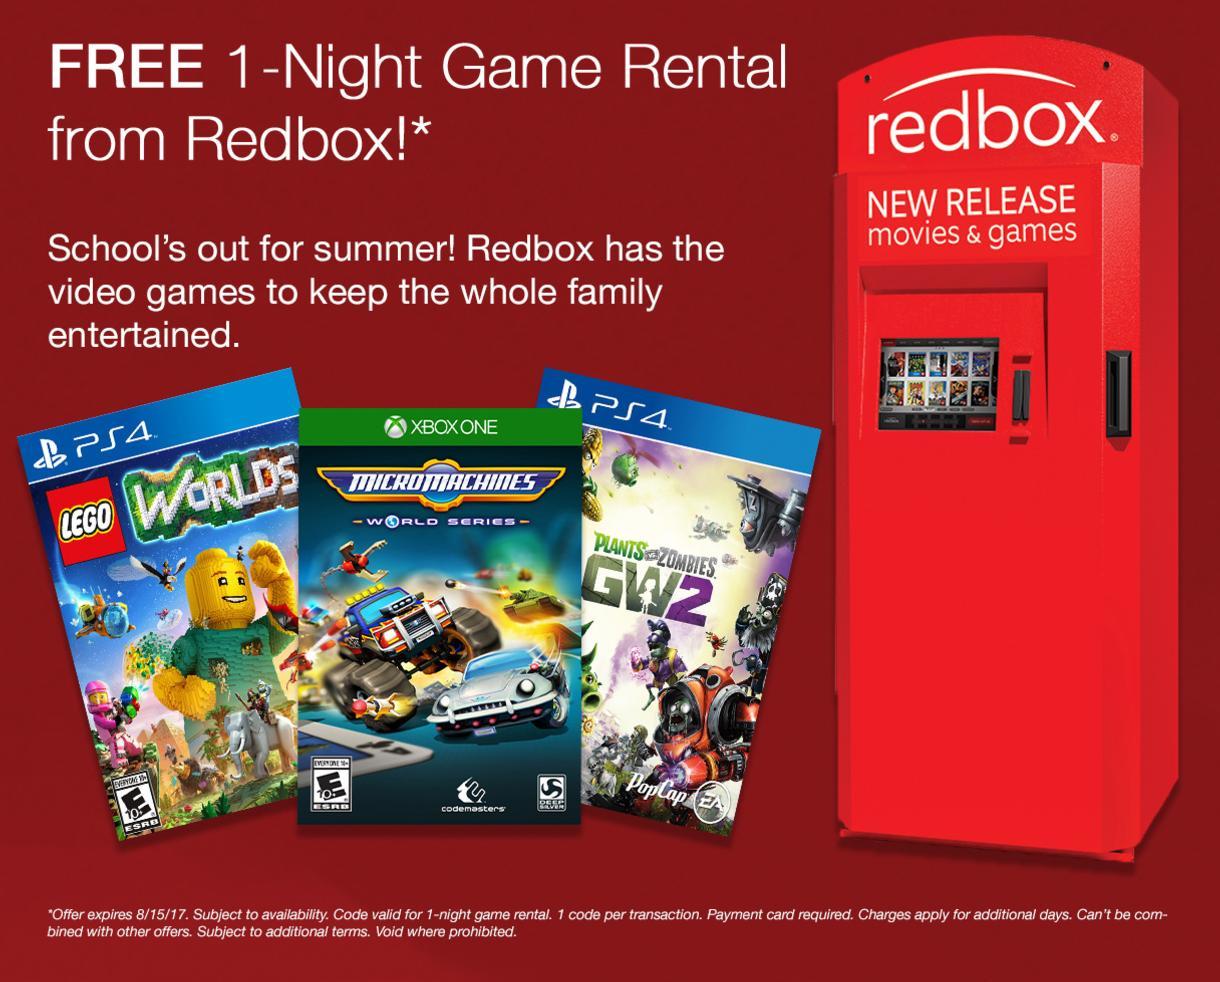 FREE 1-Night Game Rental from Redbox!*